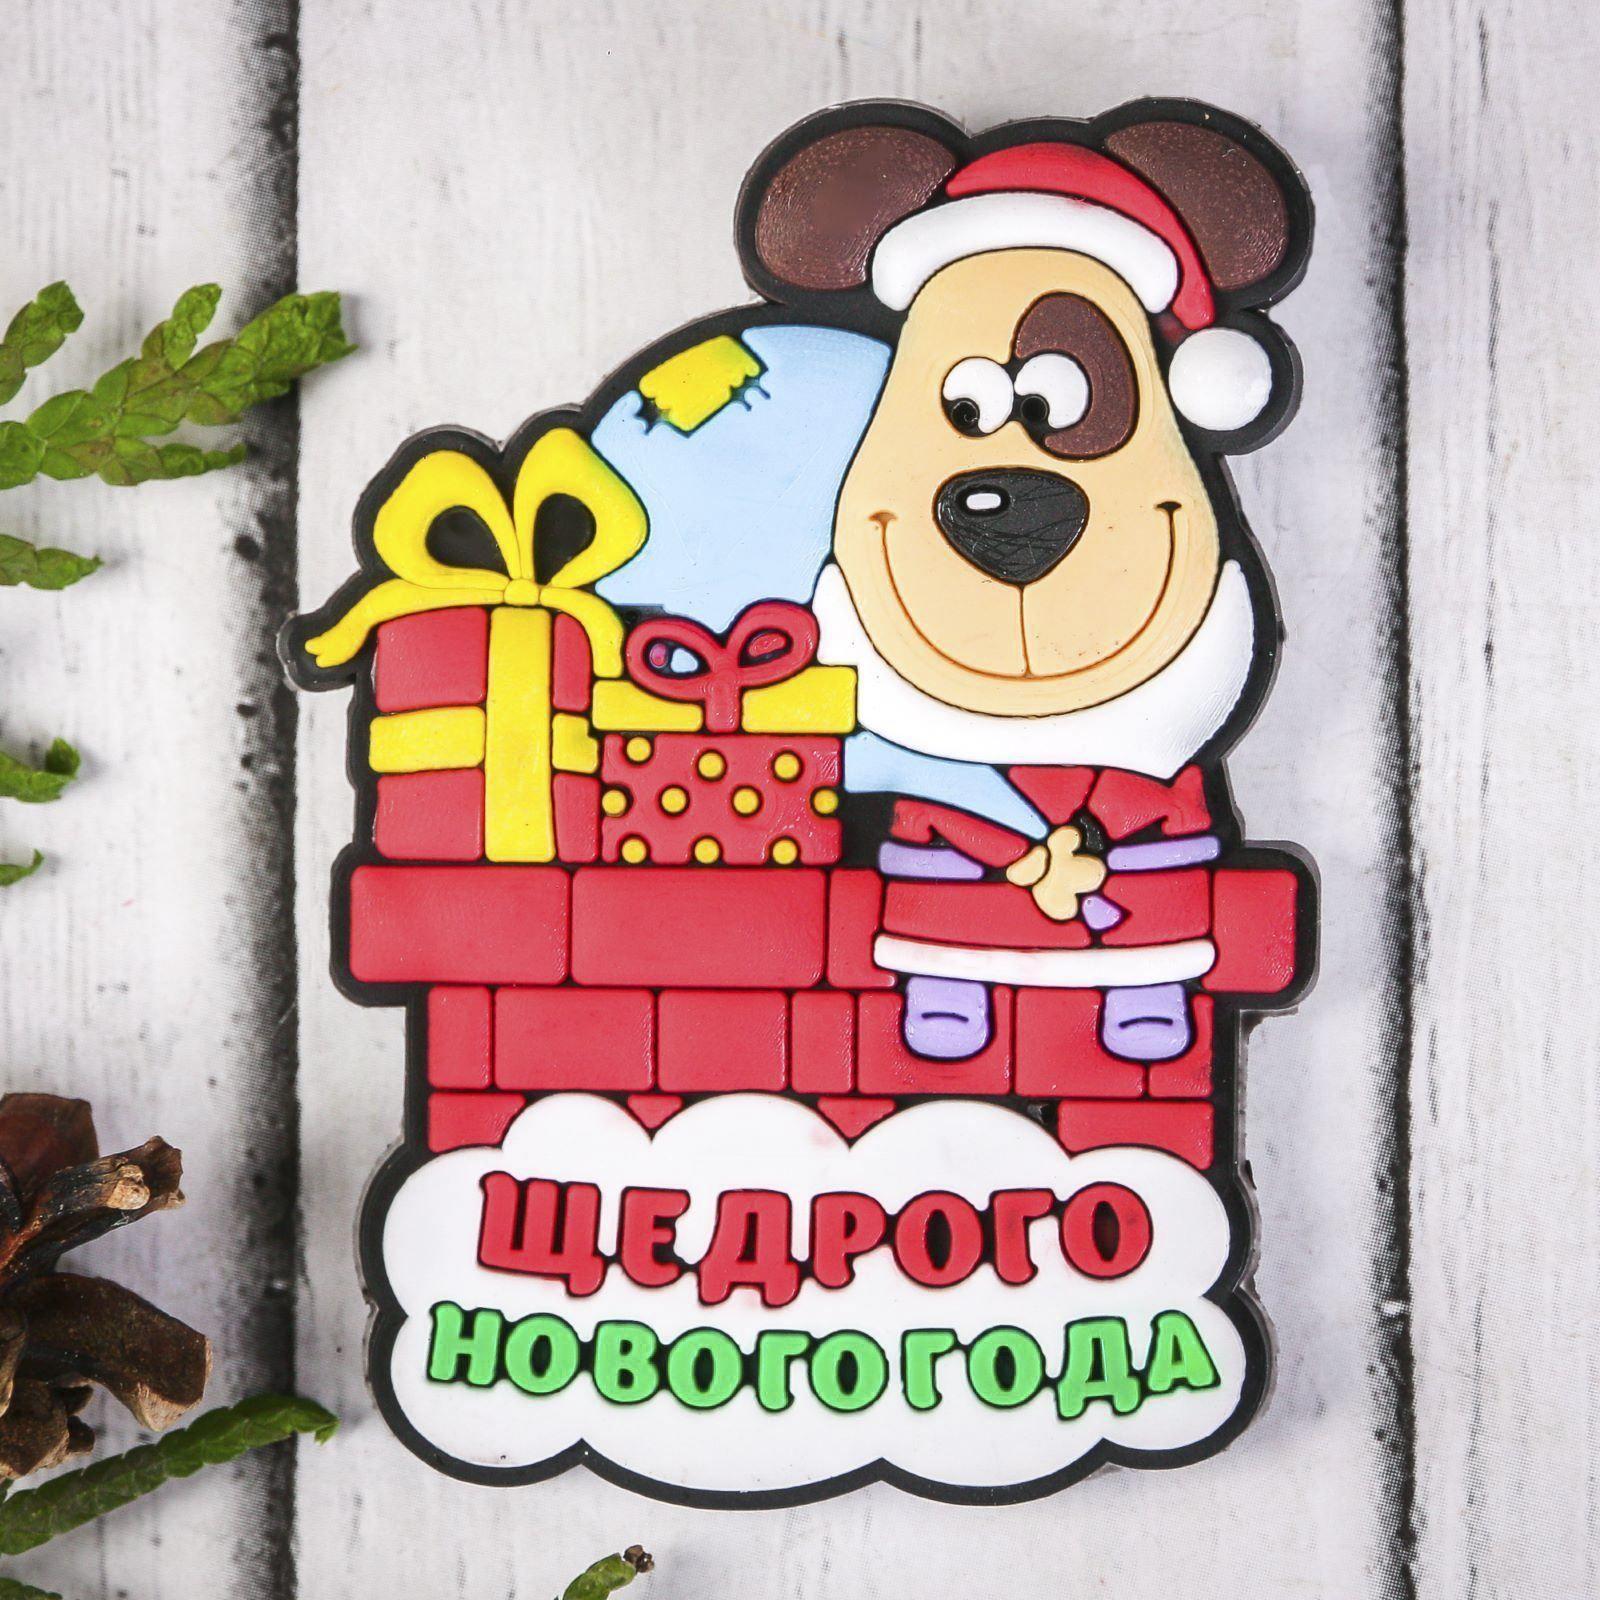 Магнит Sima-land Щедрого Нового года, 5,1 х 7 см2011341Порадуйте родных и близких оригинальным сувениром: преподнесите в подарок магнит. С ним даже самый серьёзный человек почувствует себя ребёнком, ожидающим чудо! Создайте праздничное настроение, и оно останется с вами на весь год.